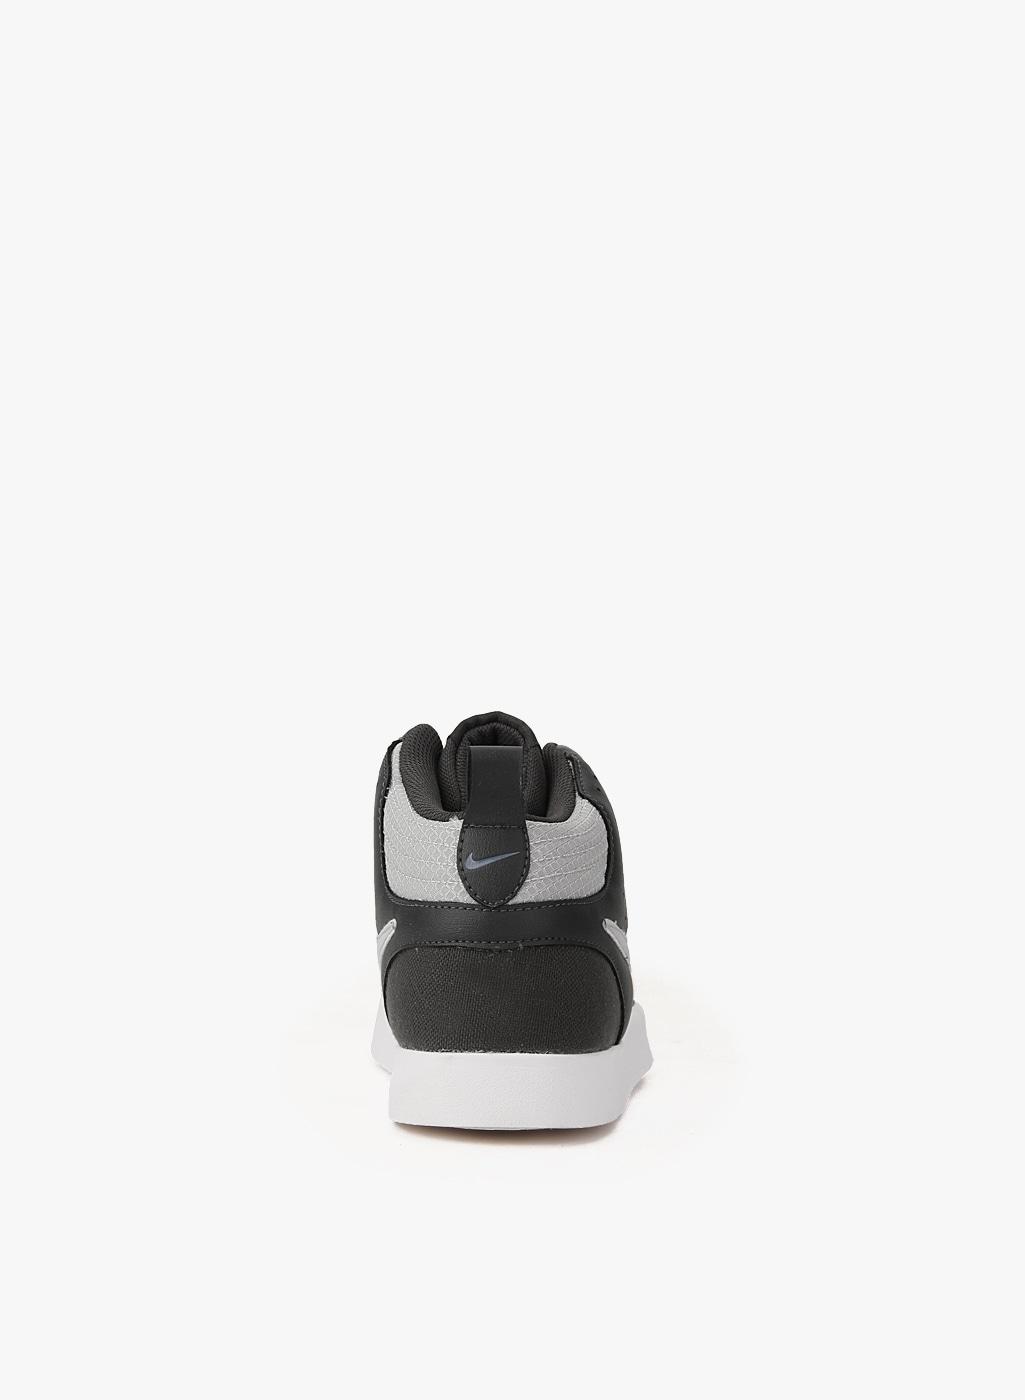 6854e18b467 Nike Liteforce Iii Mid Dark Grey Sneakers